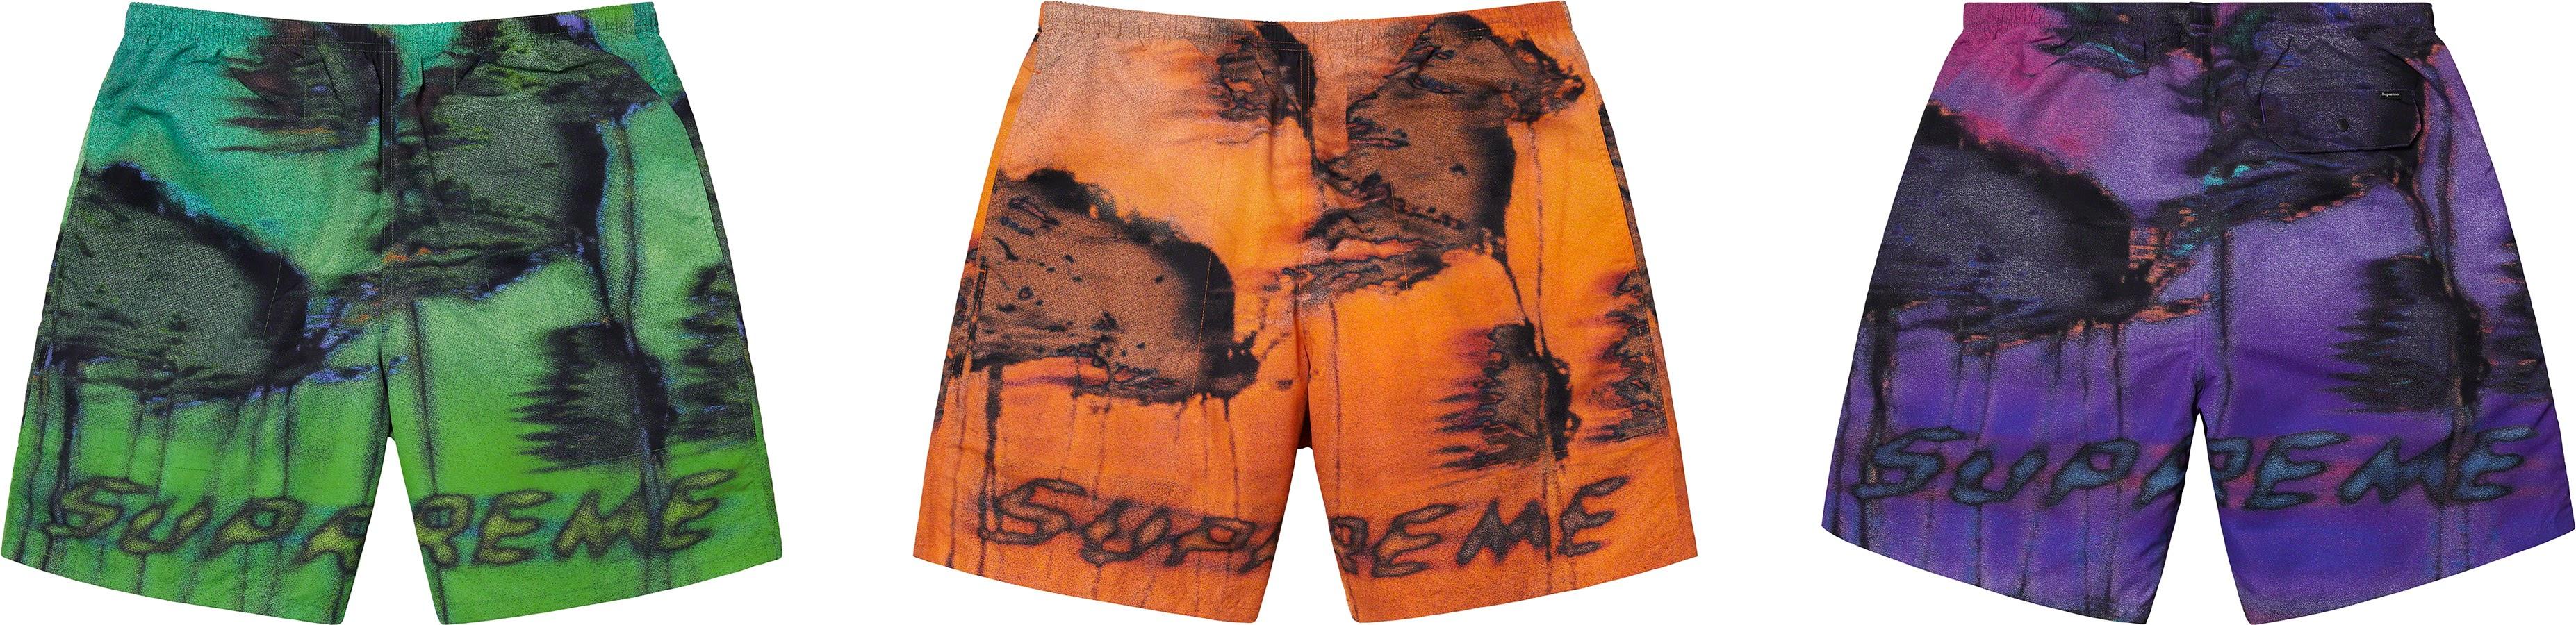 シュプリーム 2021年 春夏 新作 パンツ ショーツ Supreme 2021ss pants shorts 一覧 Hurricane Water Short